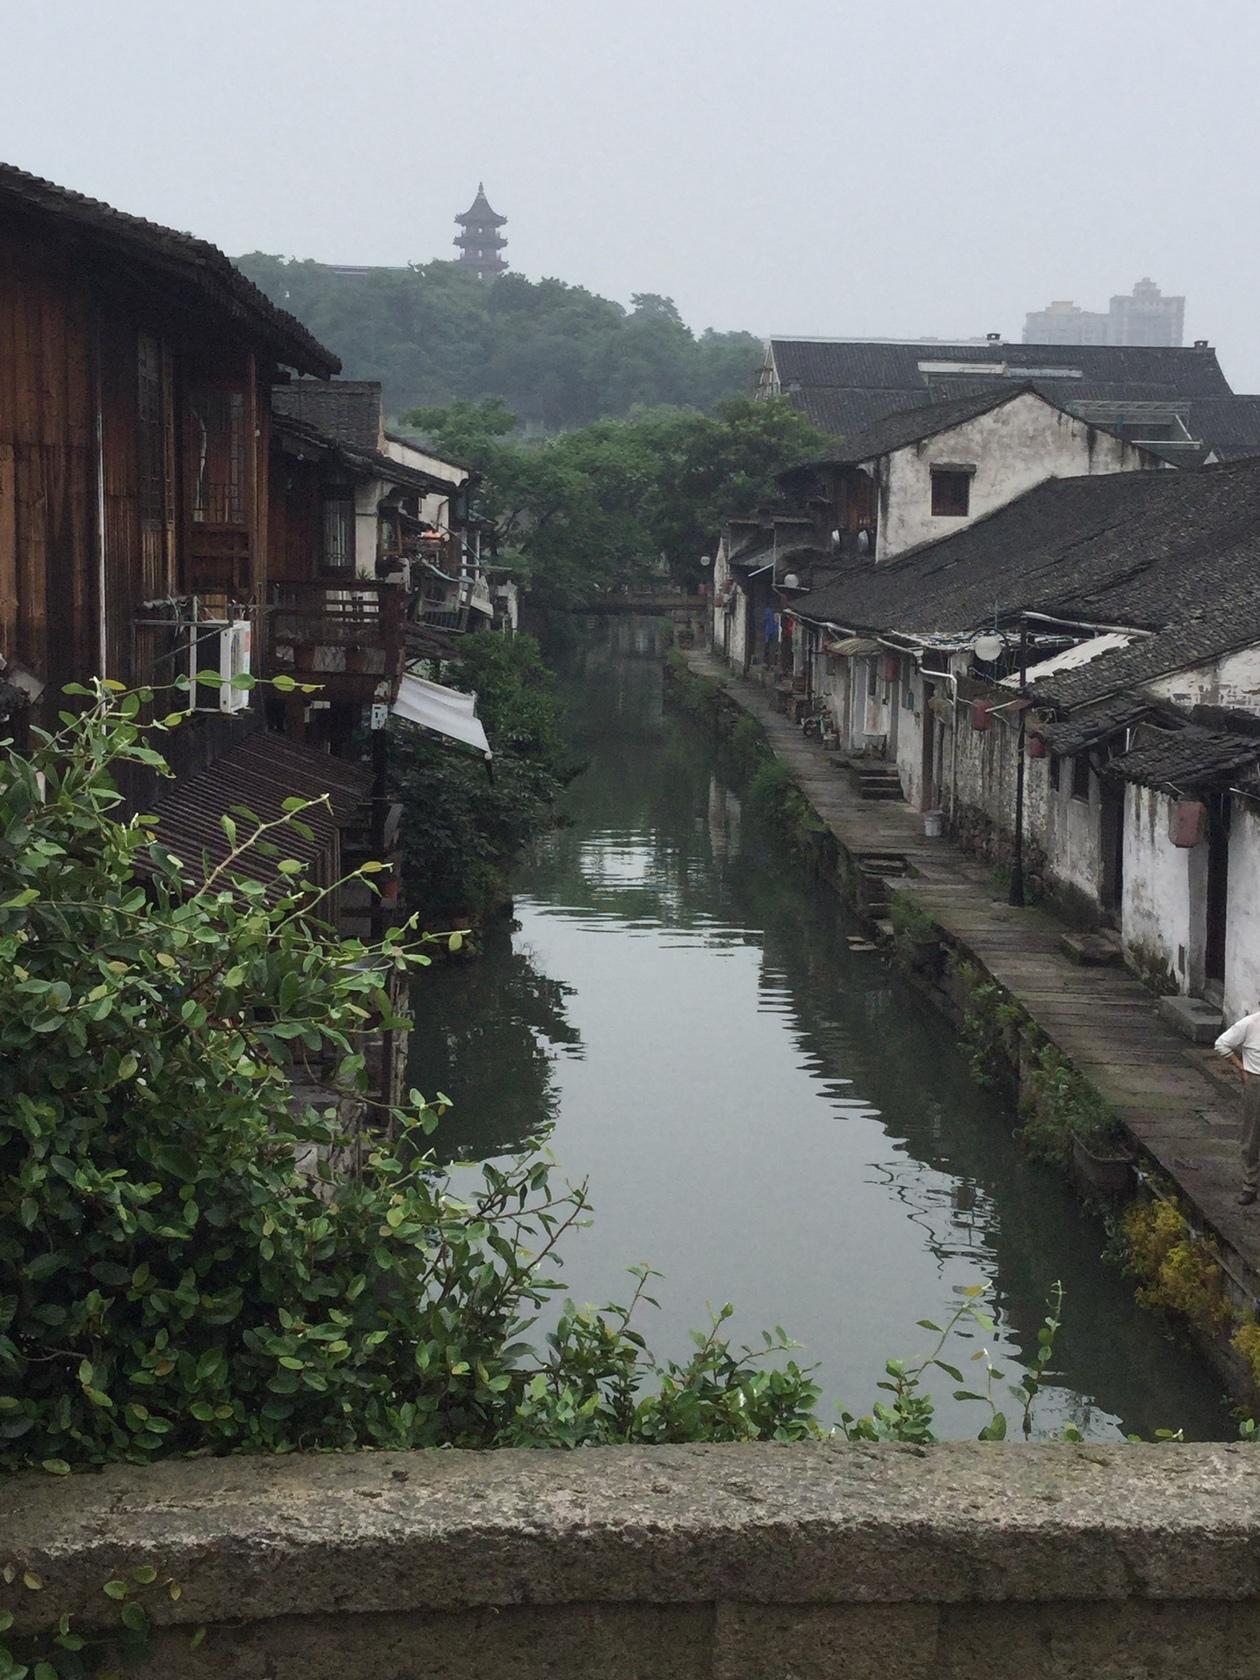 浙江省紹興市 | コウシュウ(杭州)在住Muracchiさんのおすすめエリア・地區 | トラベロコ